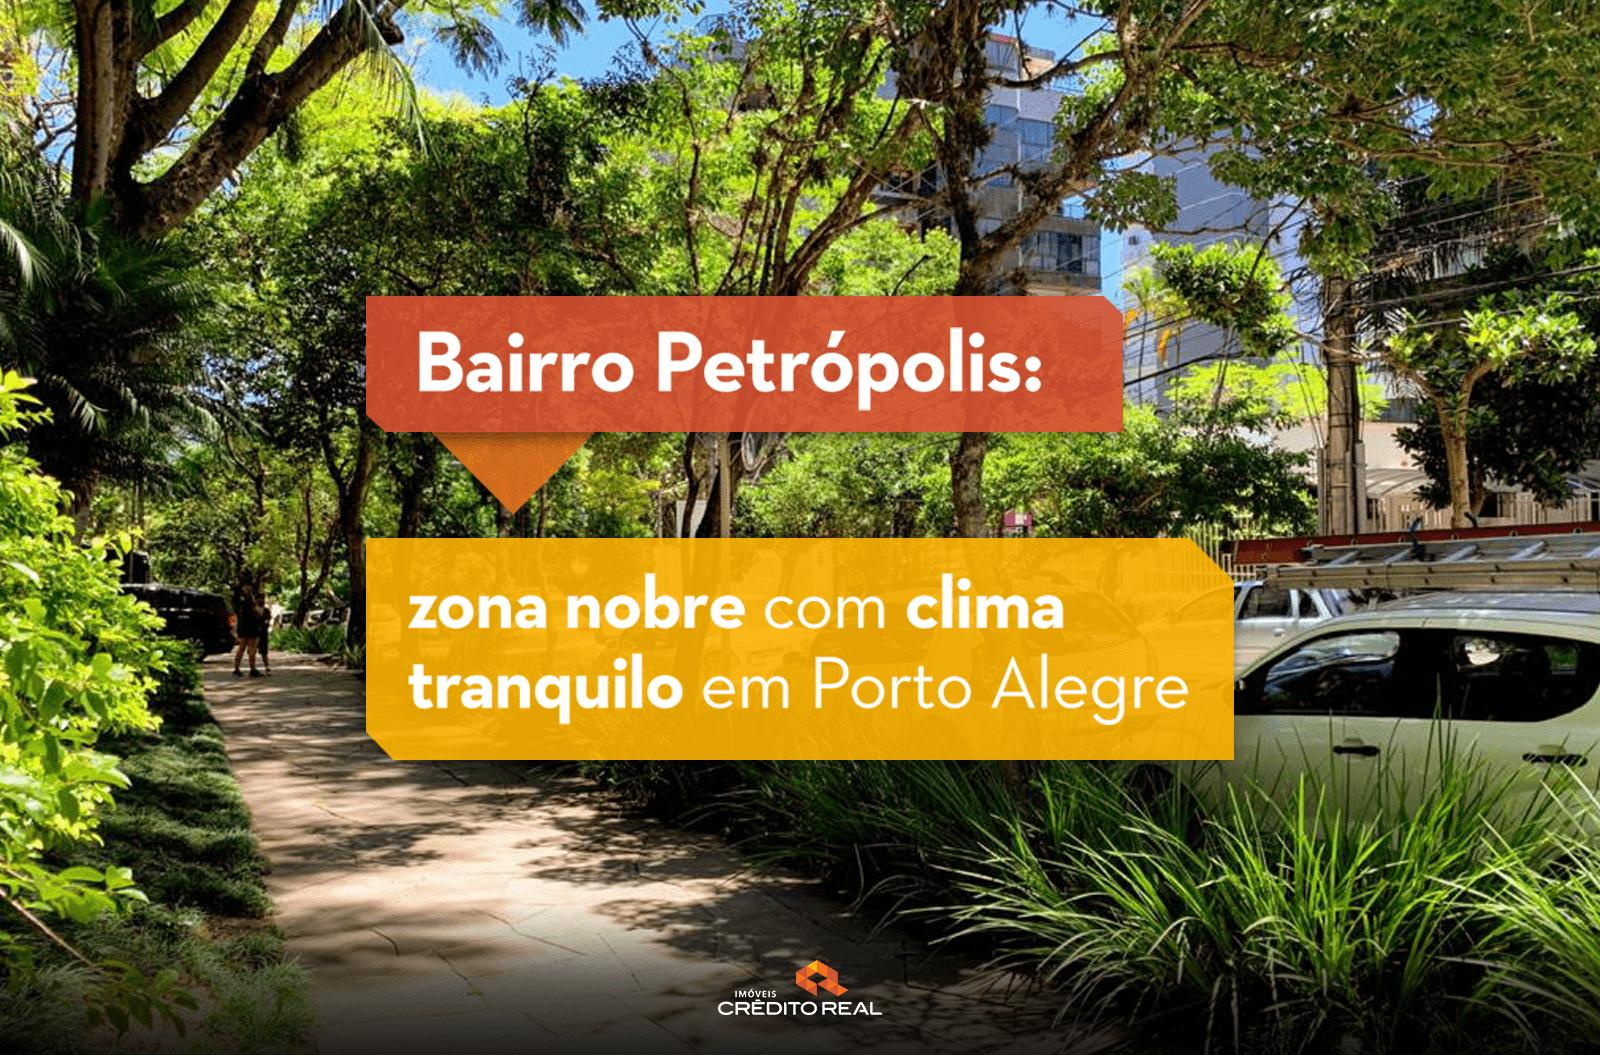 Bairro Petrópolis